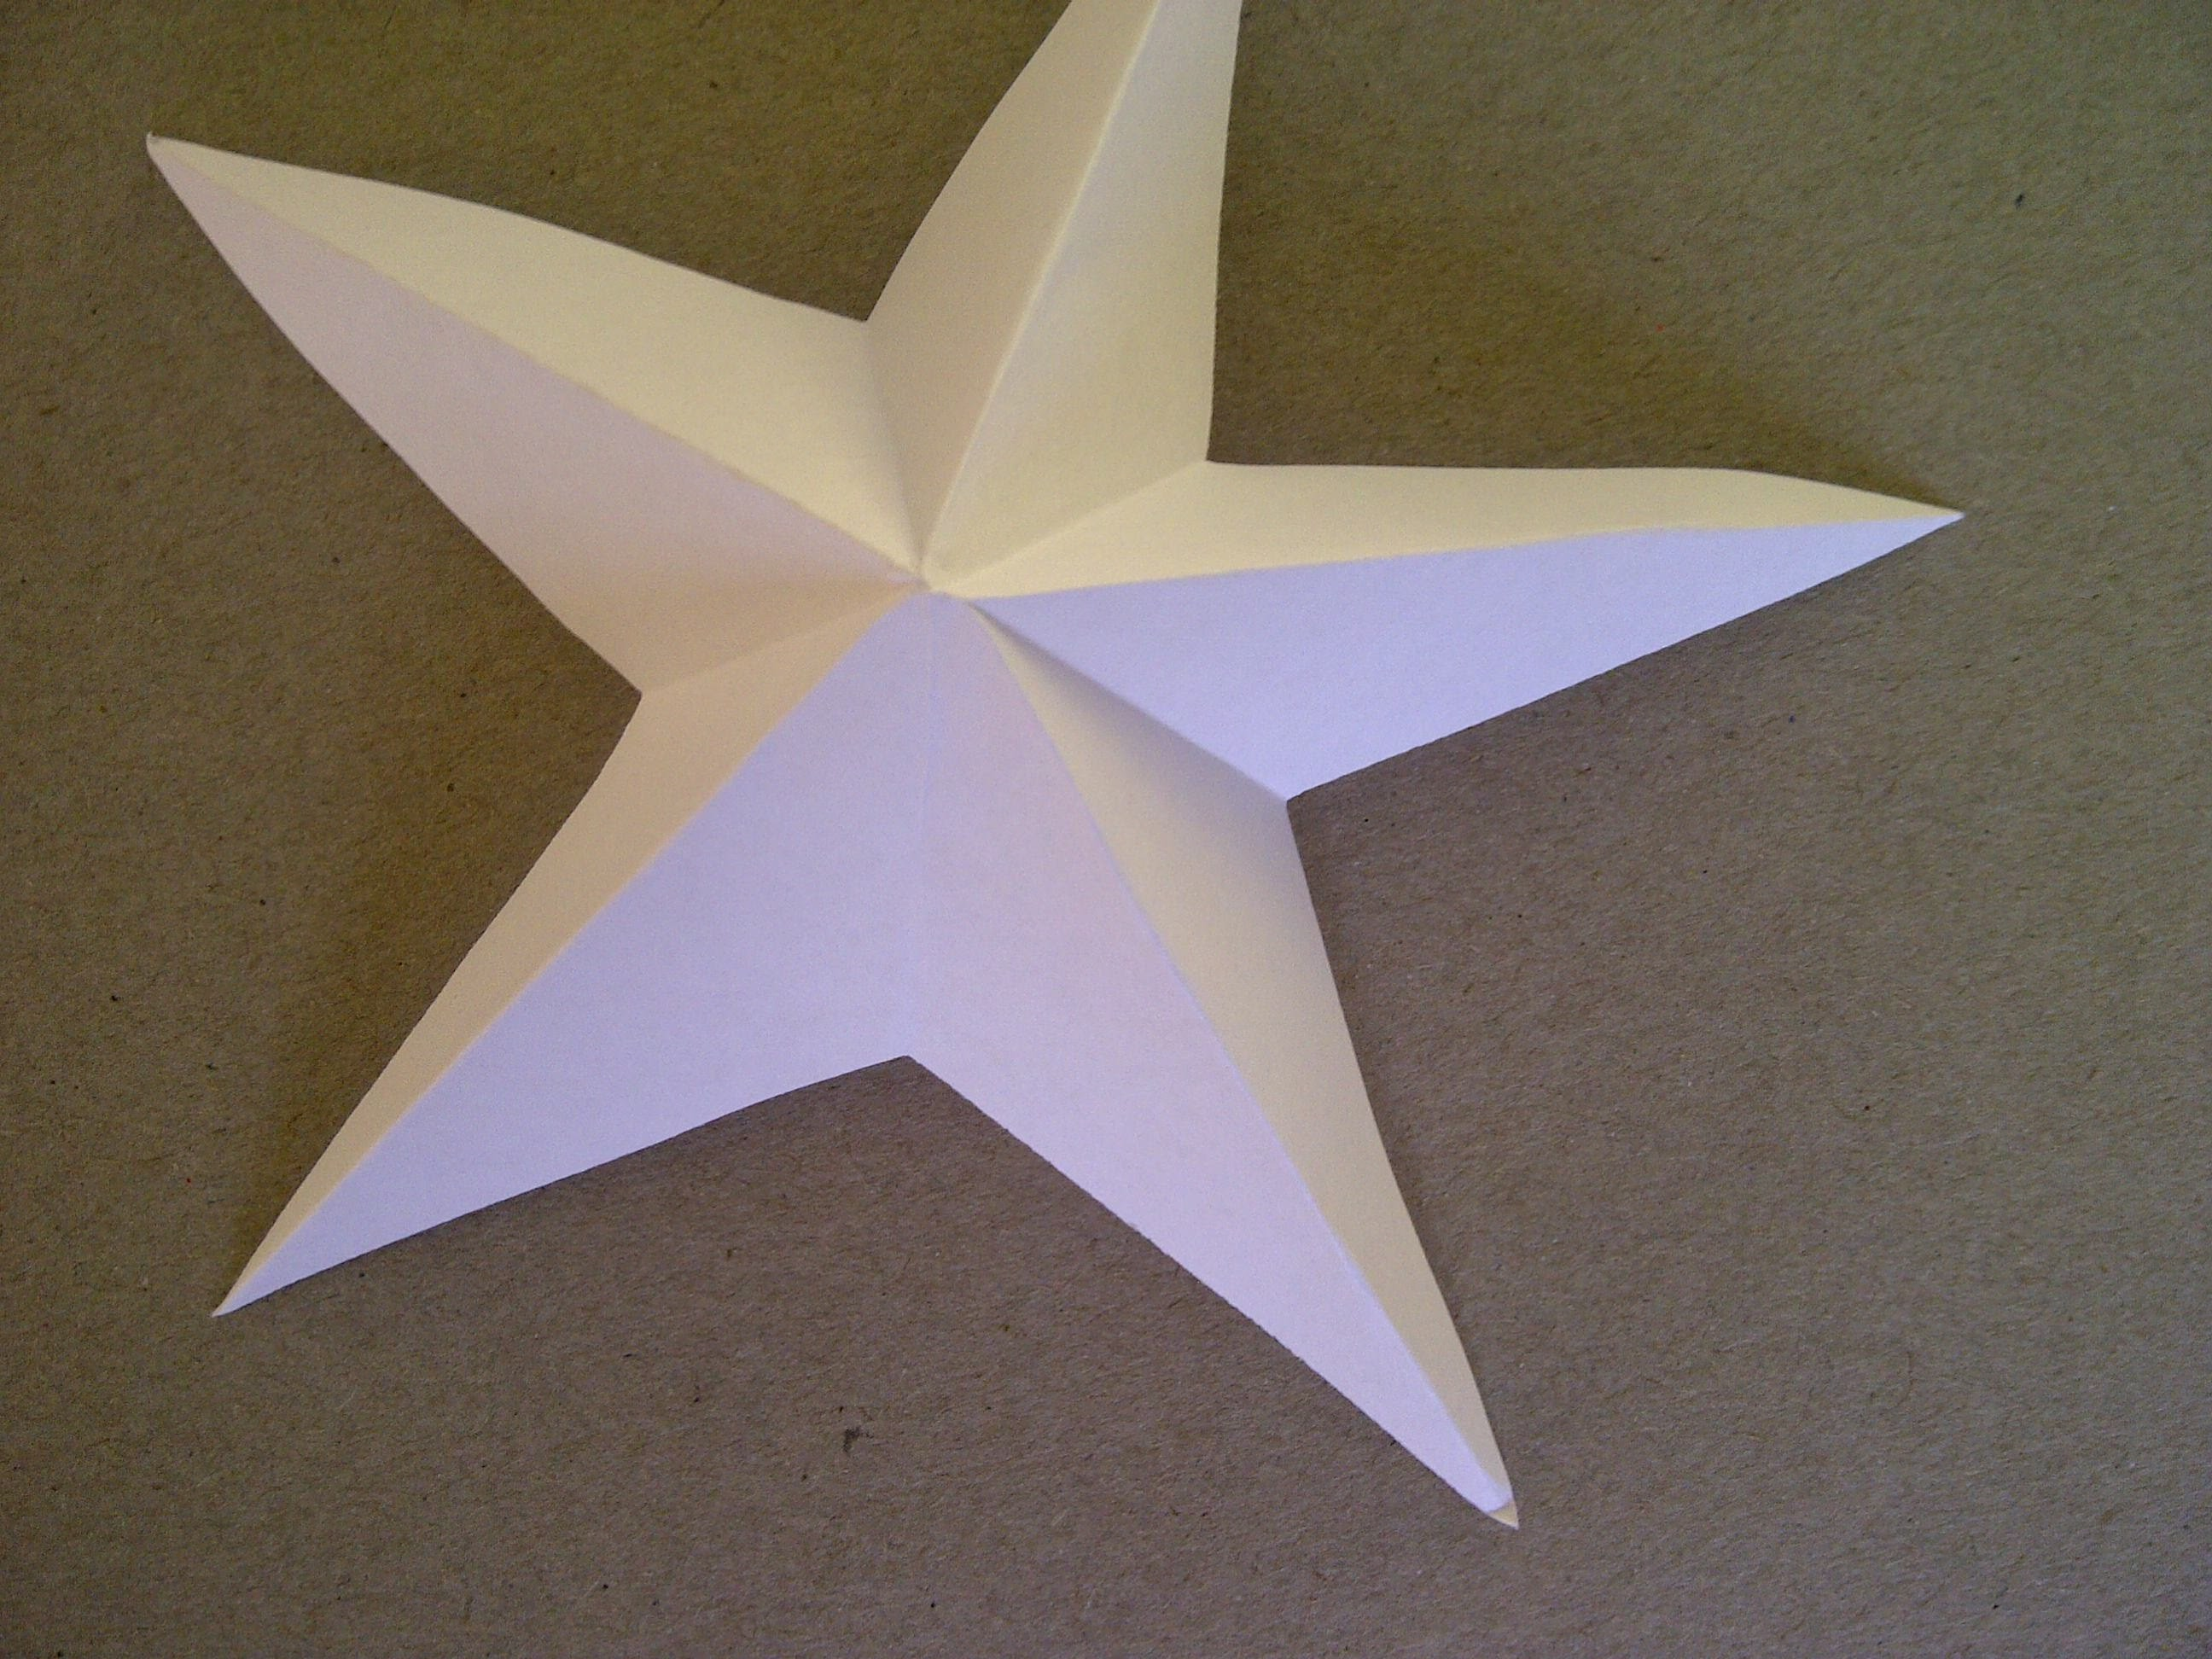 3d sterne basteln 5 zackiger stern aus papier falten sehr einfach. Black Bedroom Furniture Sets. Home Design Ideas